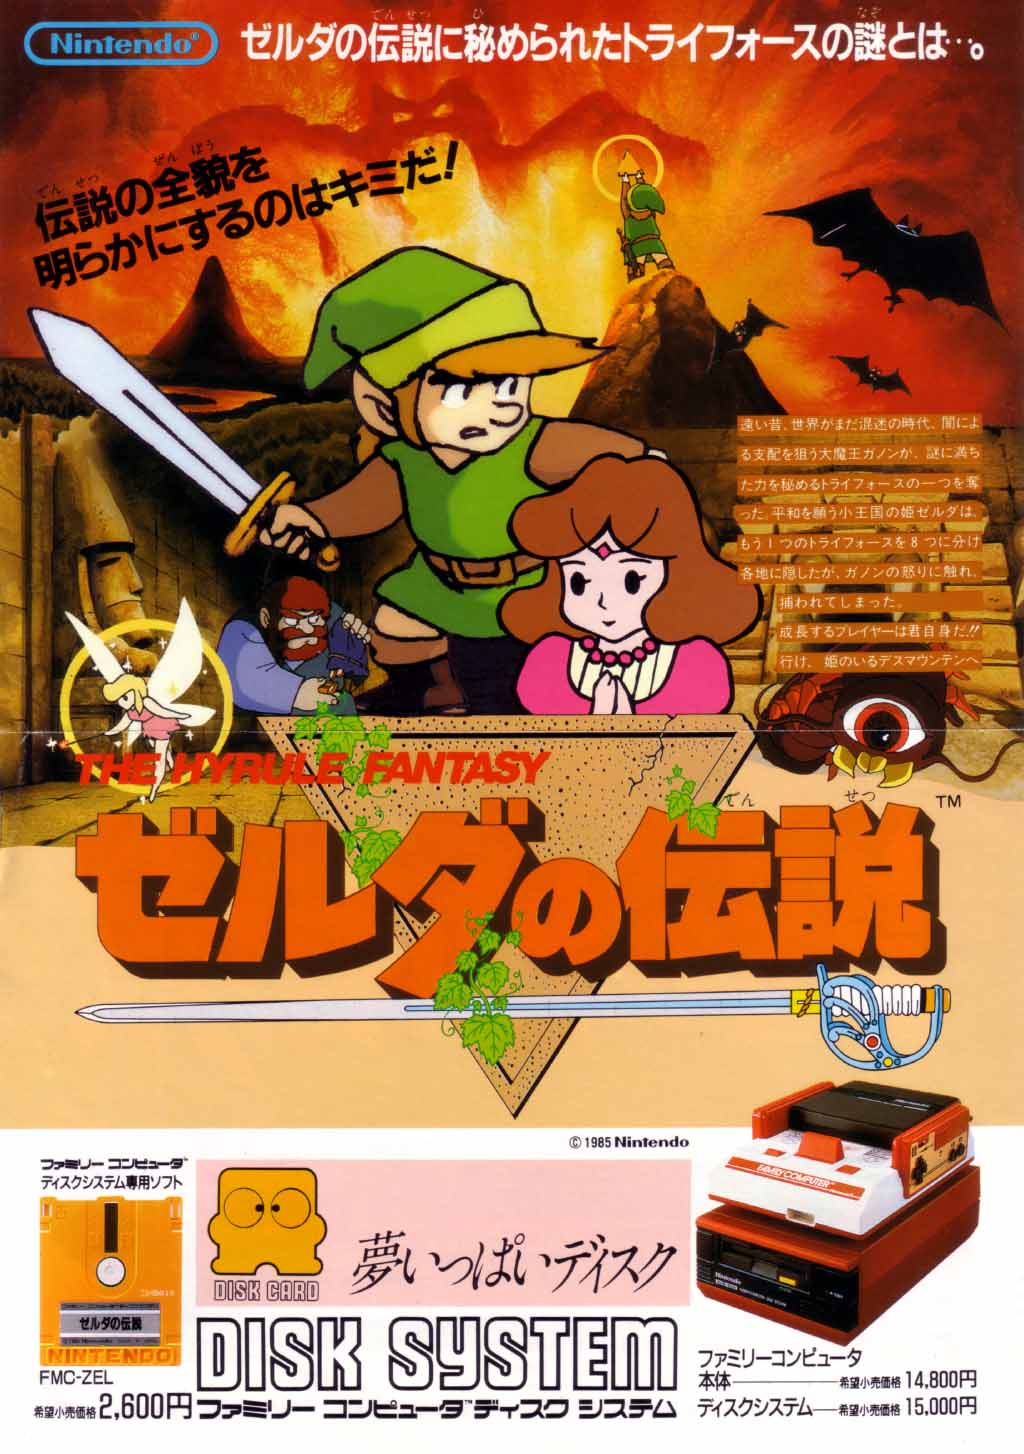 Famicom Disk System Flyer - The Legend of Zelda